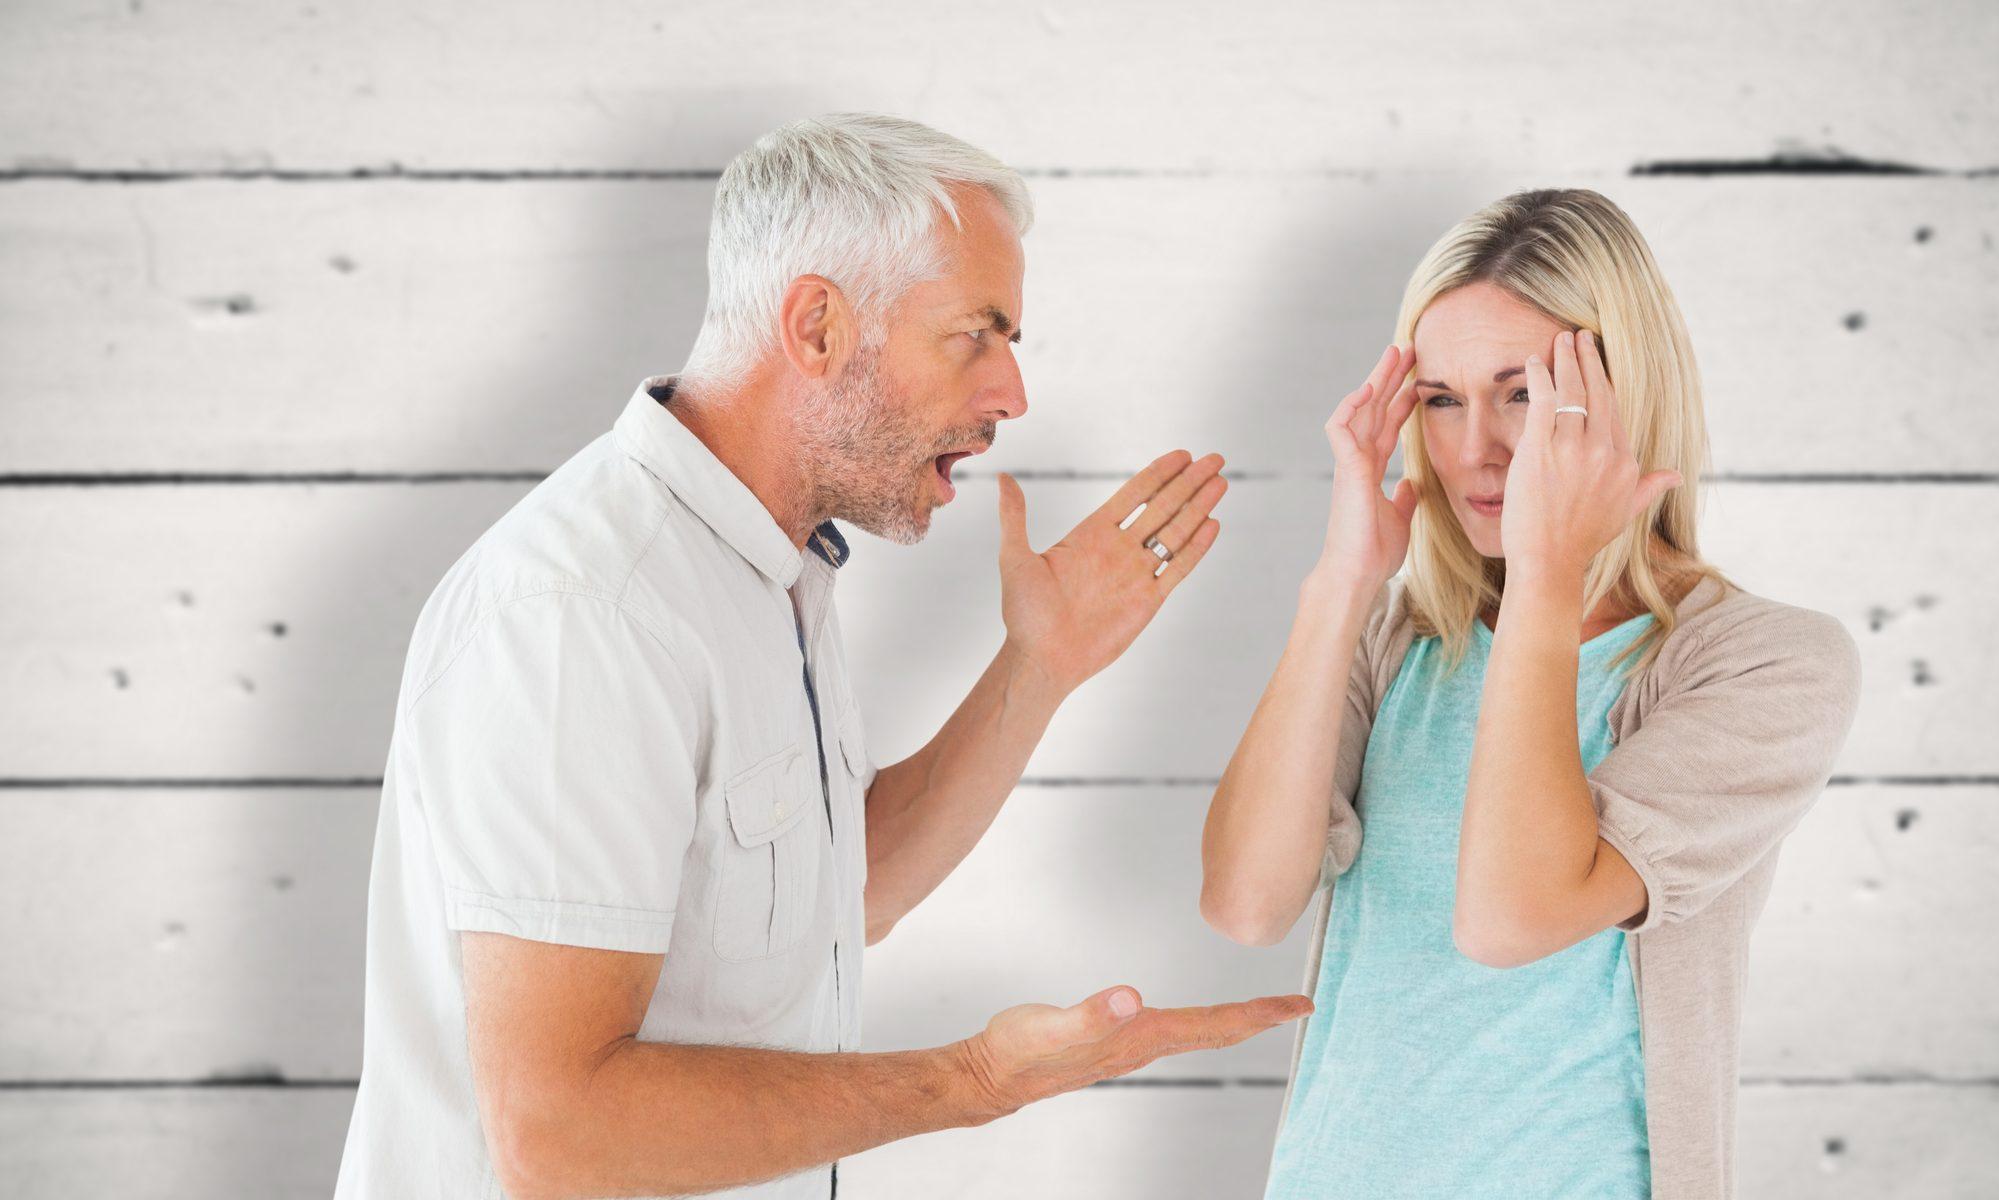 Wütender Mann um die 50, schreit seine Partnerin an